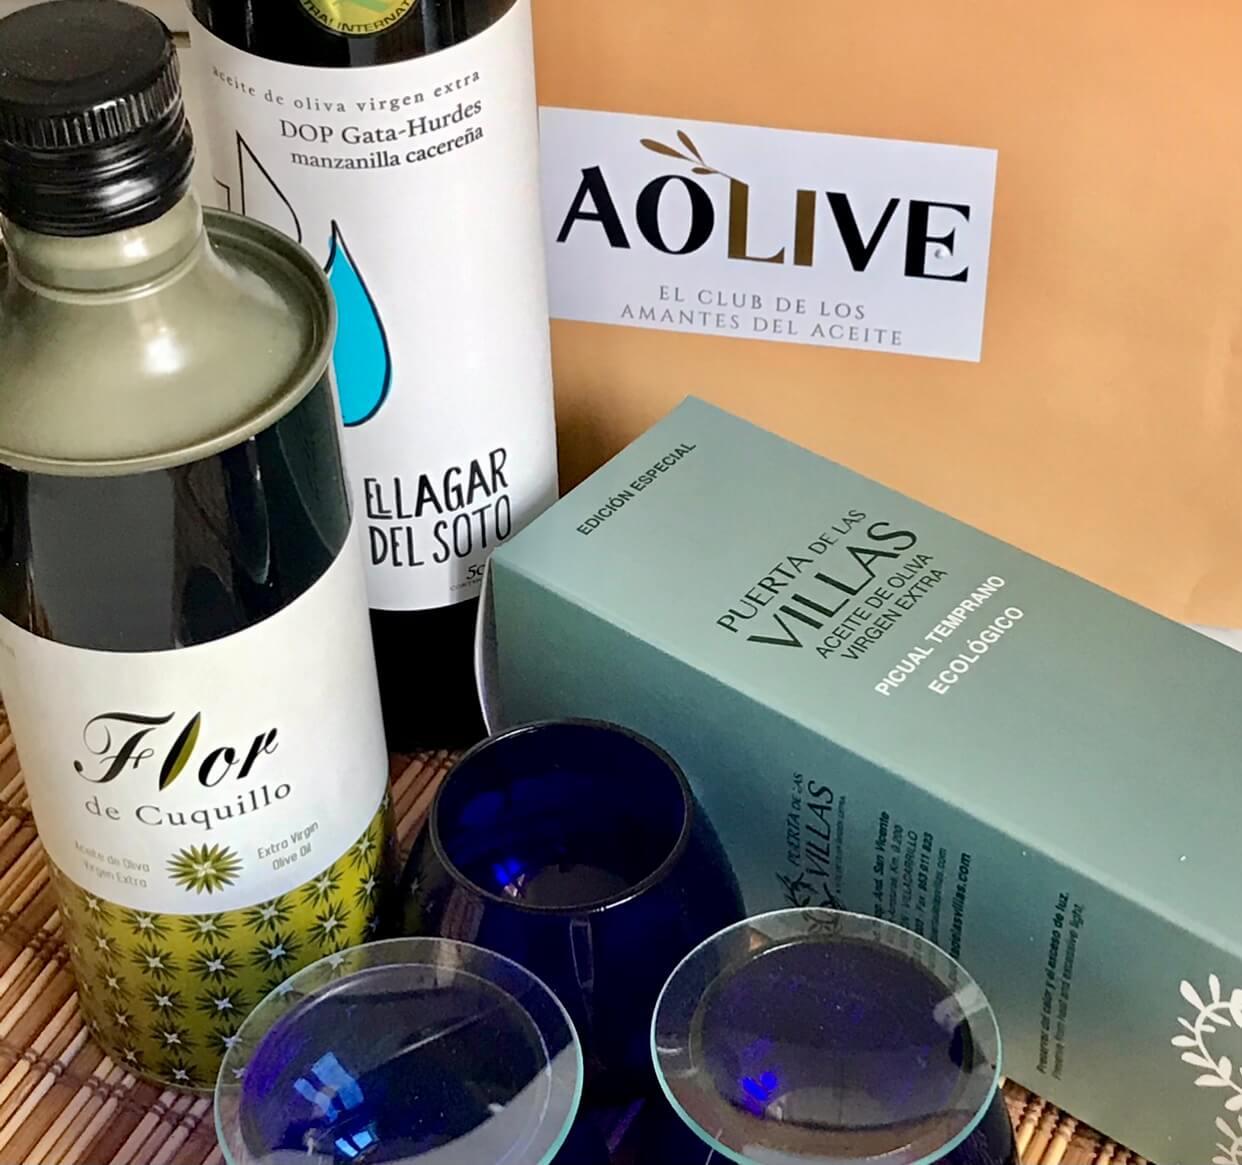 Aceites de oliva virgen extra de Aolive Club para la cata del aove